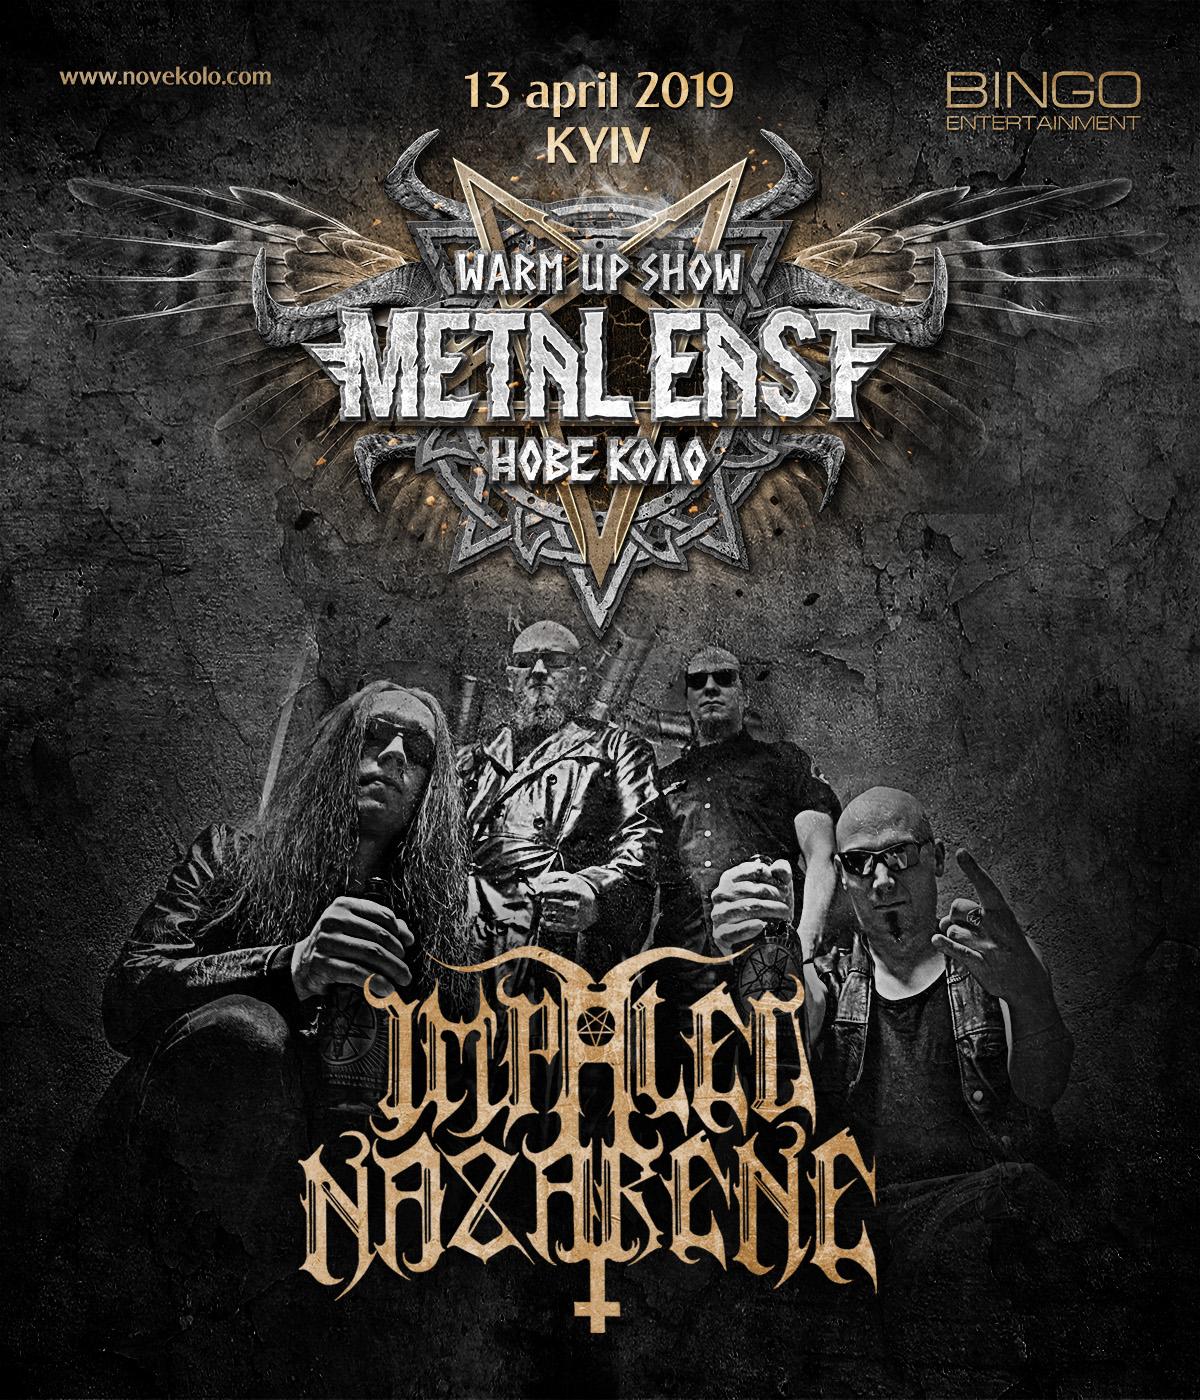 """13 квітня 2019 року IMPALED NAZARENE стануть гостями warm-up вечірки Metal East Нове Коло у Києві, в клубі """"Бінго""""."""